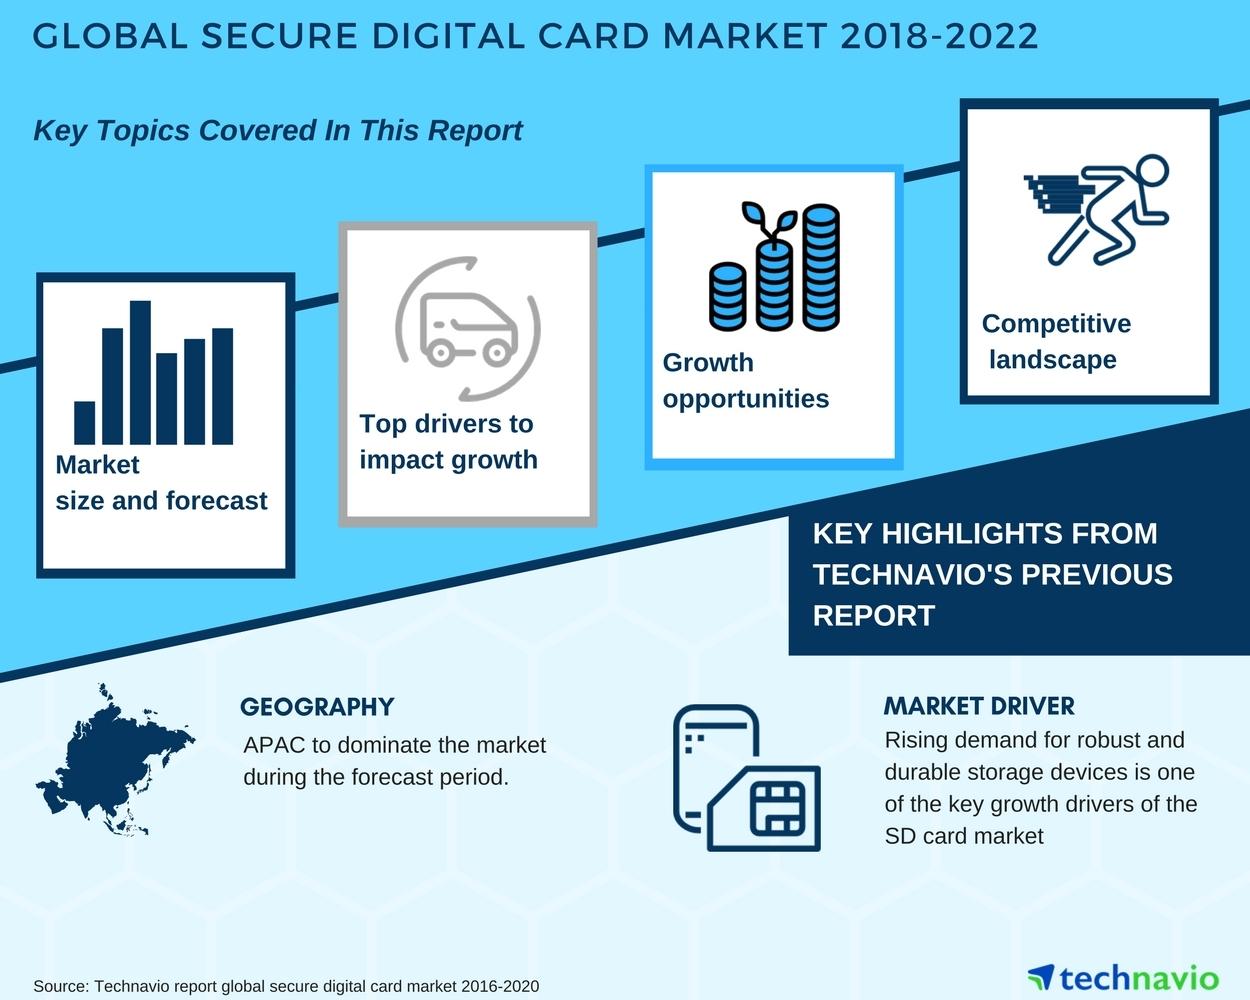 Global Secure Digital Card Market - Rising Demand for Robust